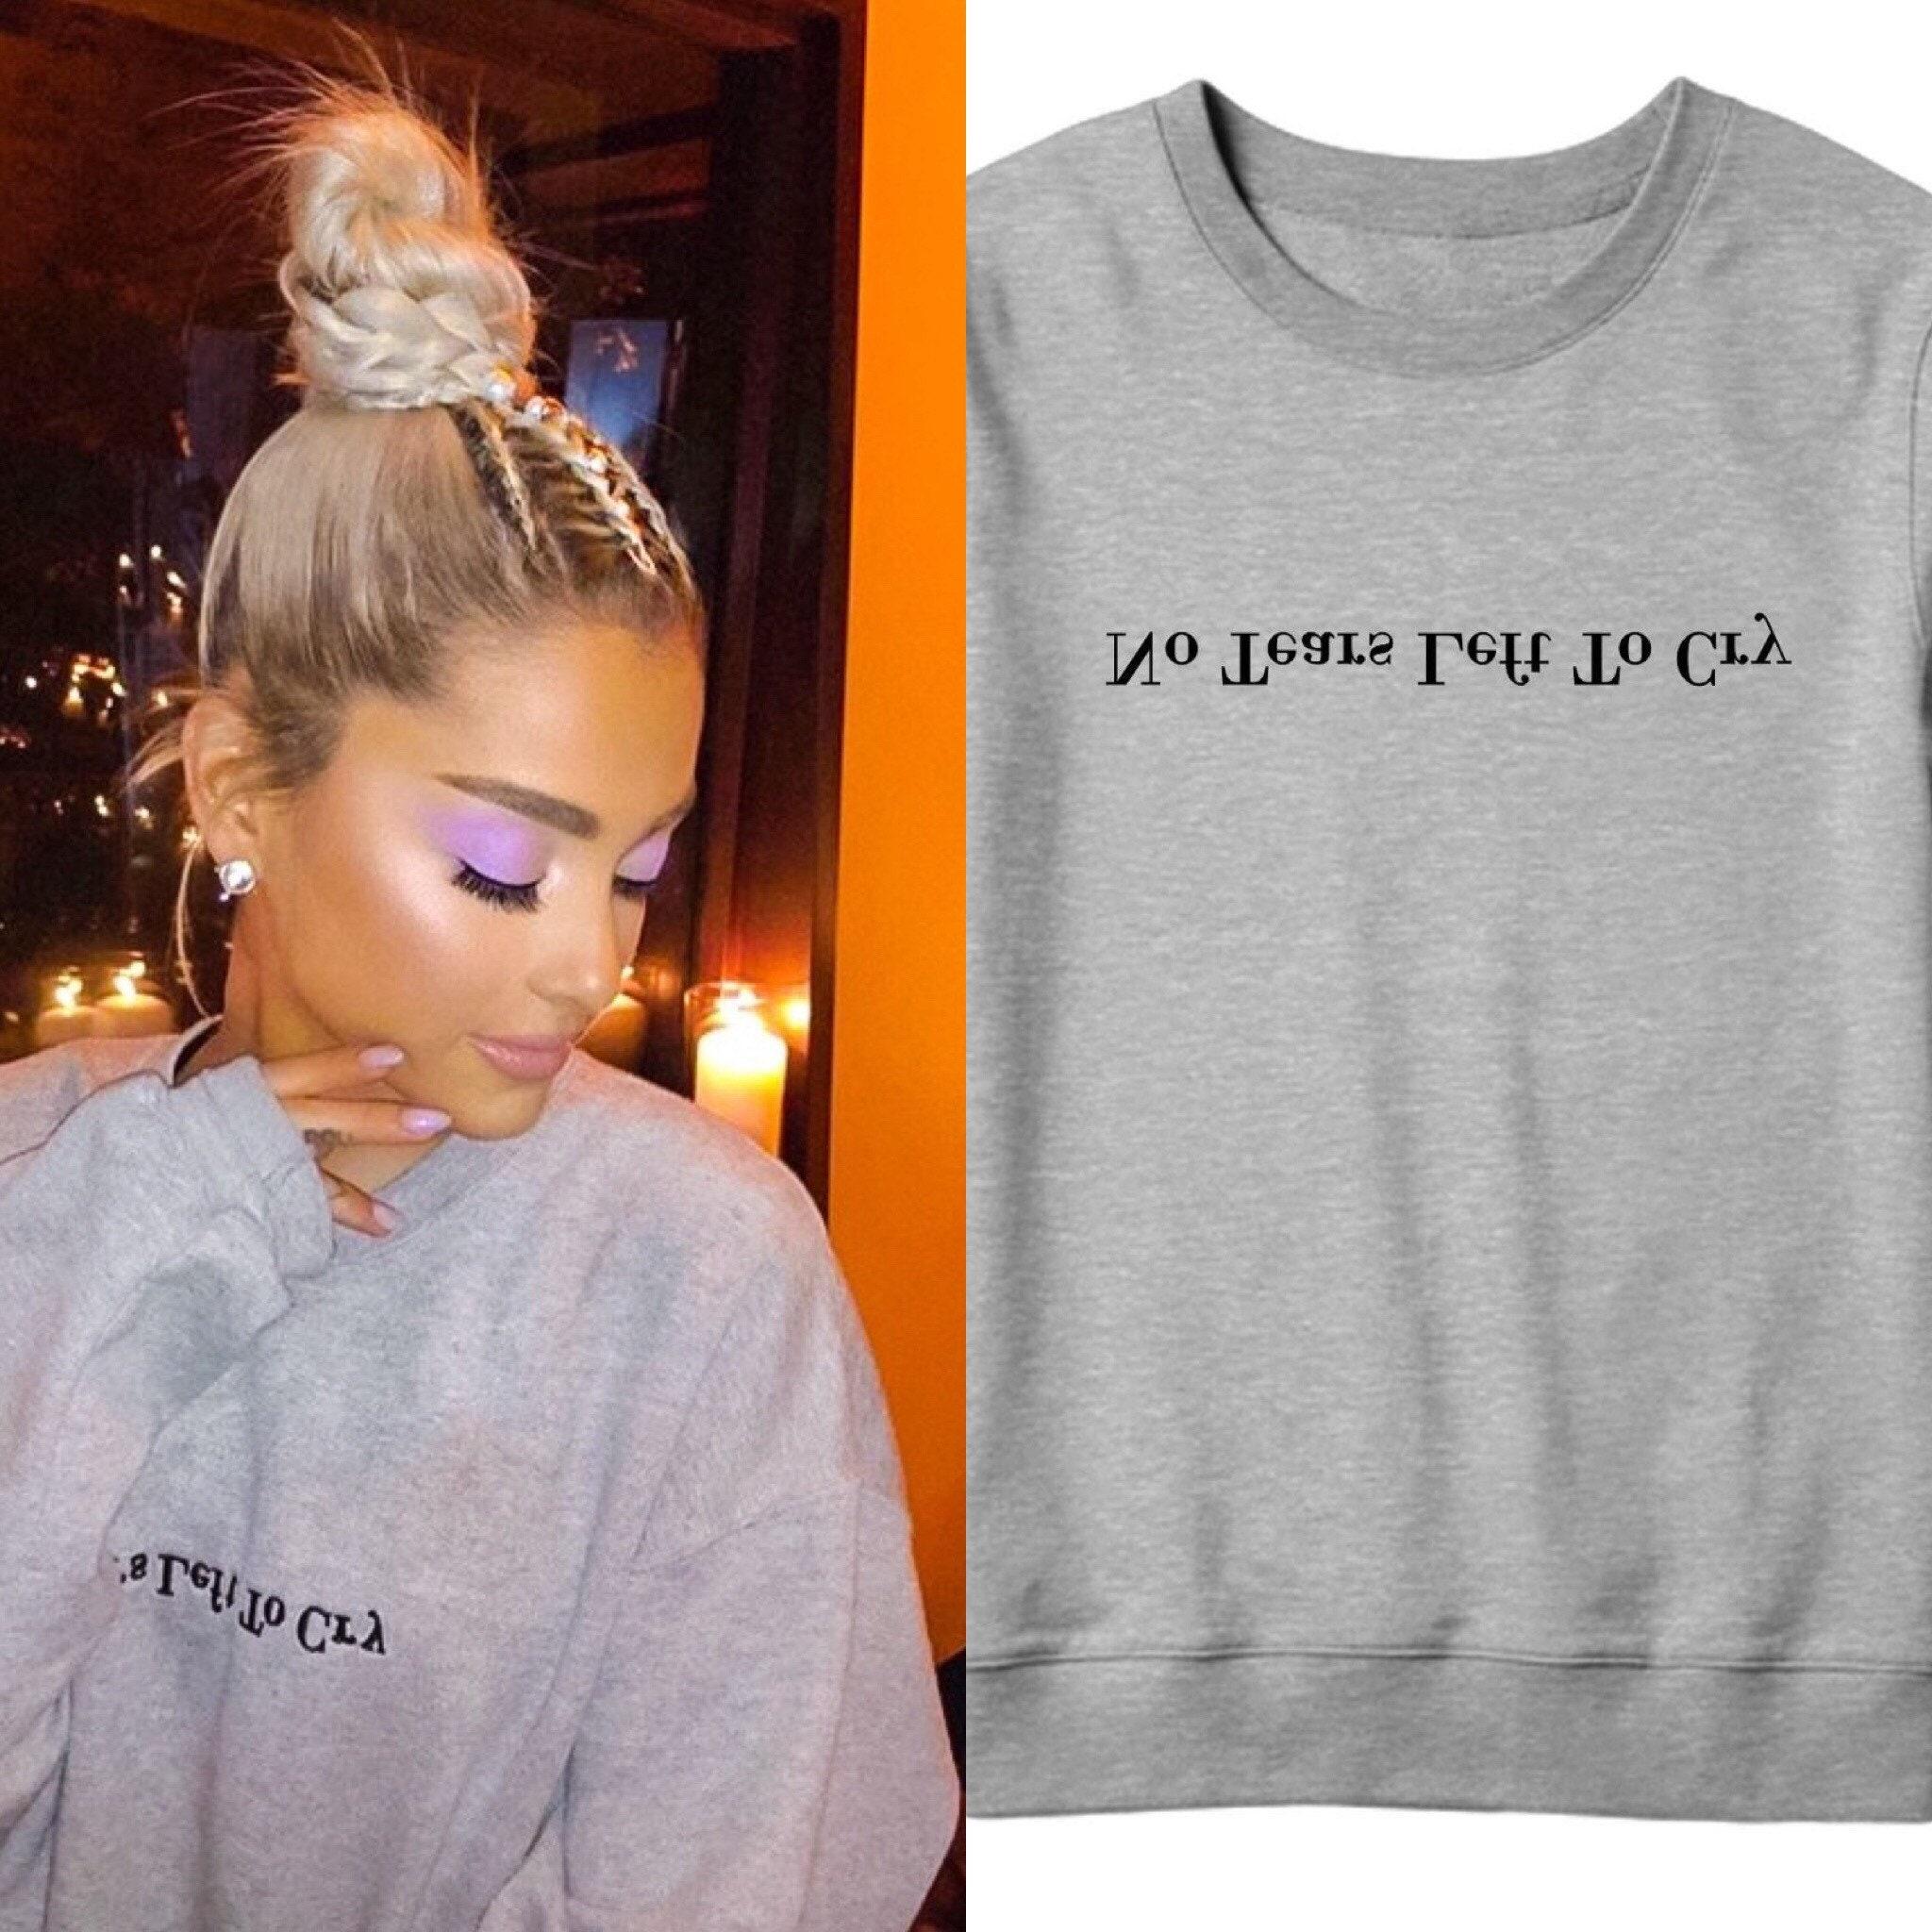 Kein Riss Links zu weinen Ariana Grande Sweatshirt   Etsy